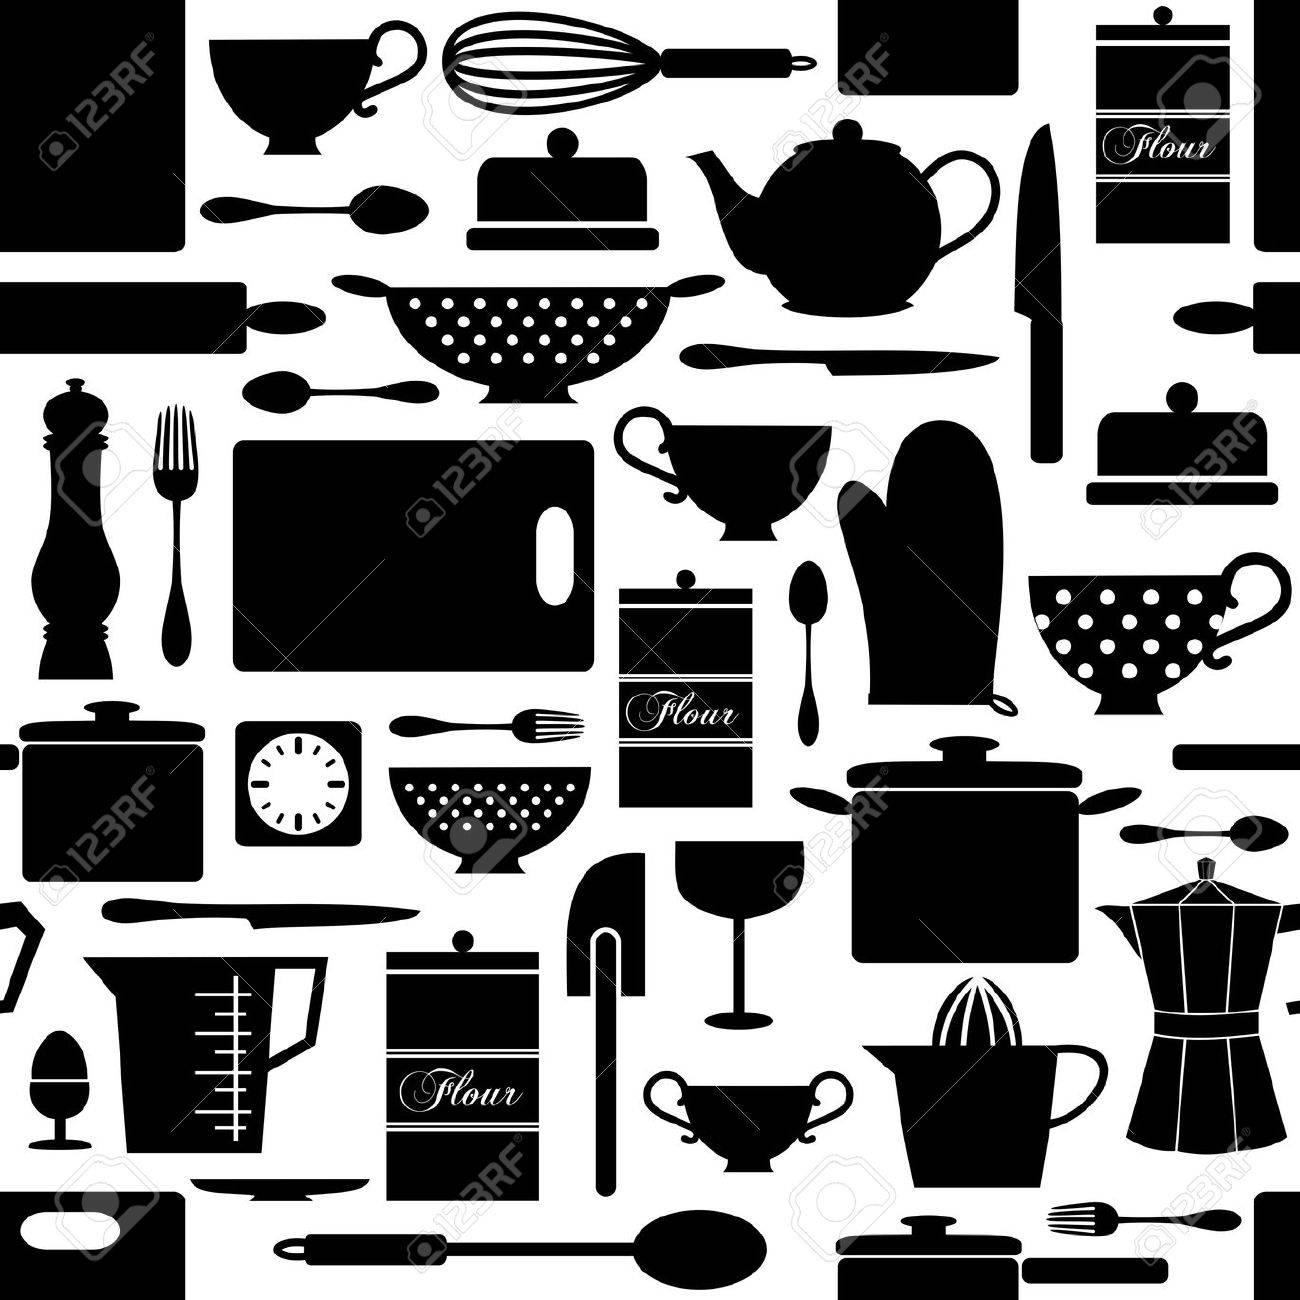 oggetti cucina foto royalty free immagini immagini e archivi  - oggetti cucina seamless pattern con oggetti da cucina in bianco e nerovettoriali